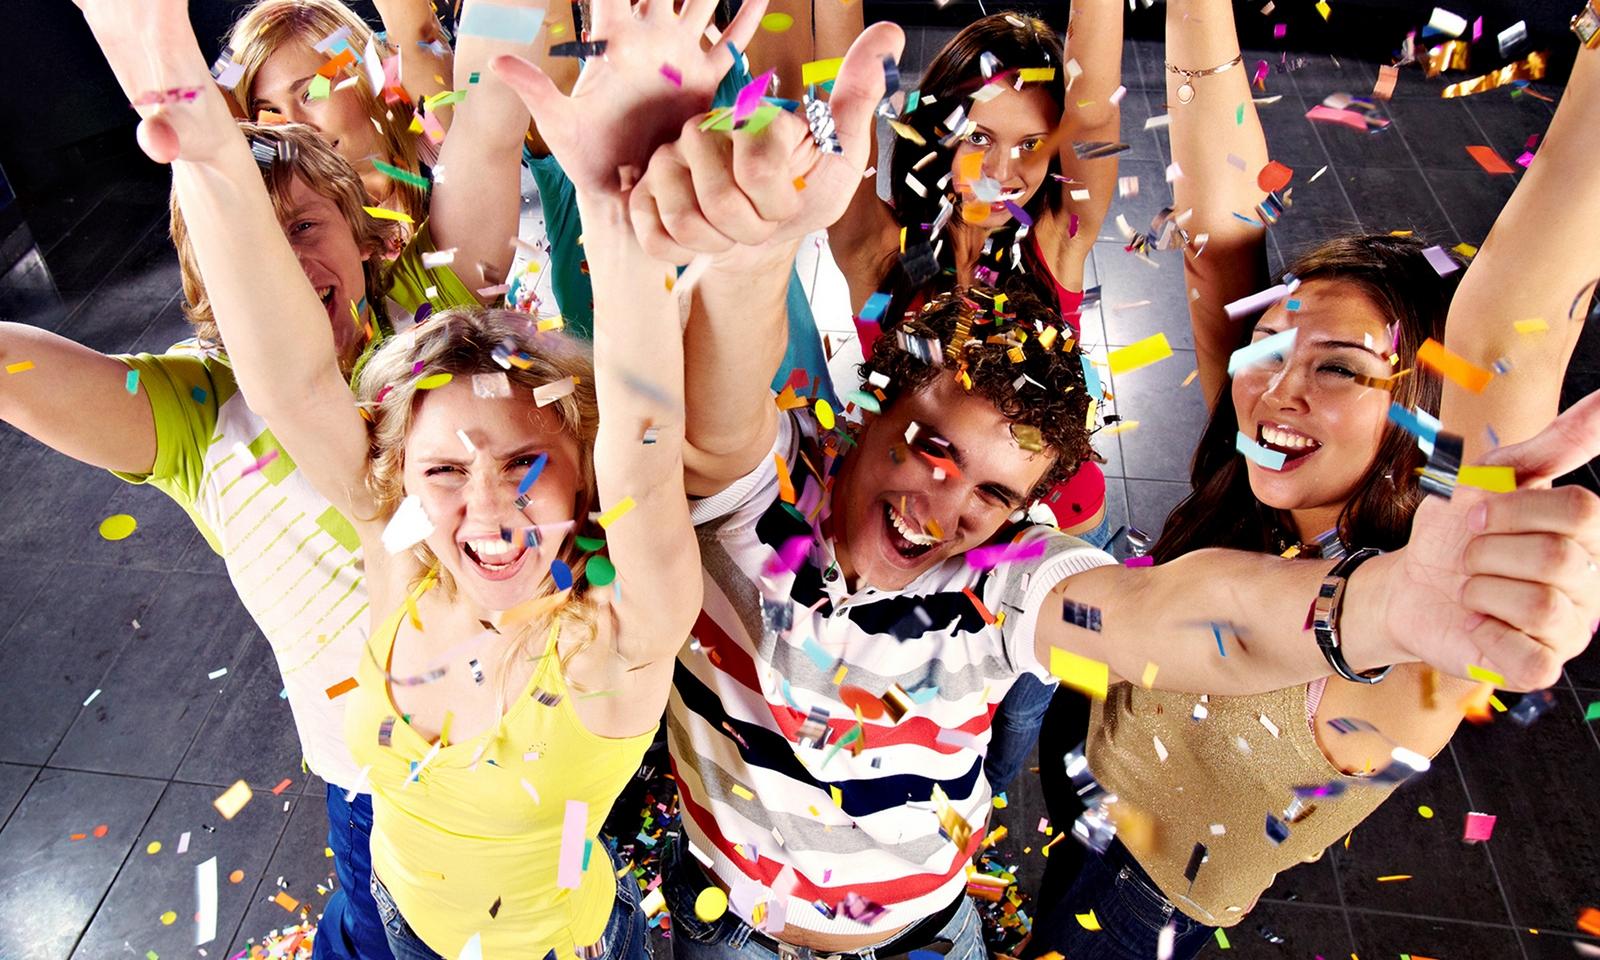 У скільки обійдеться випускний вечір для українського школяра